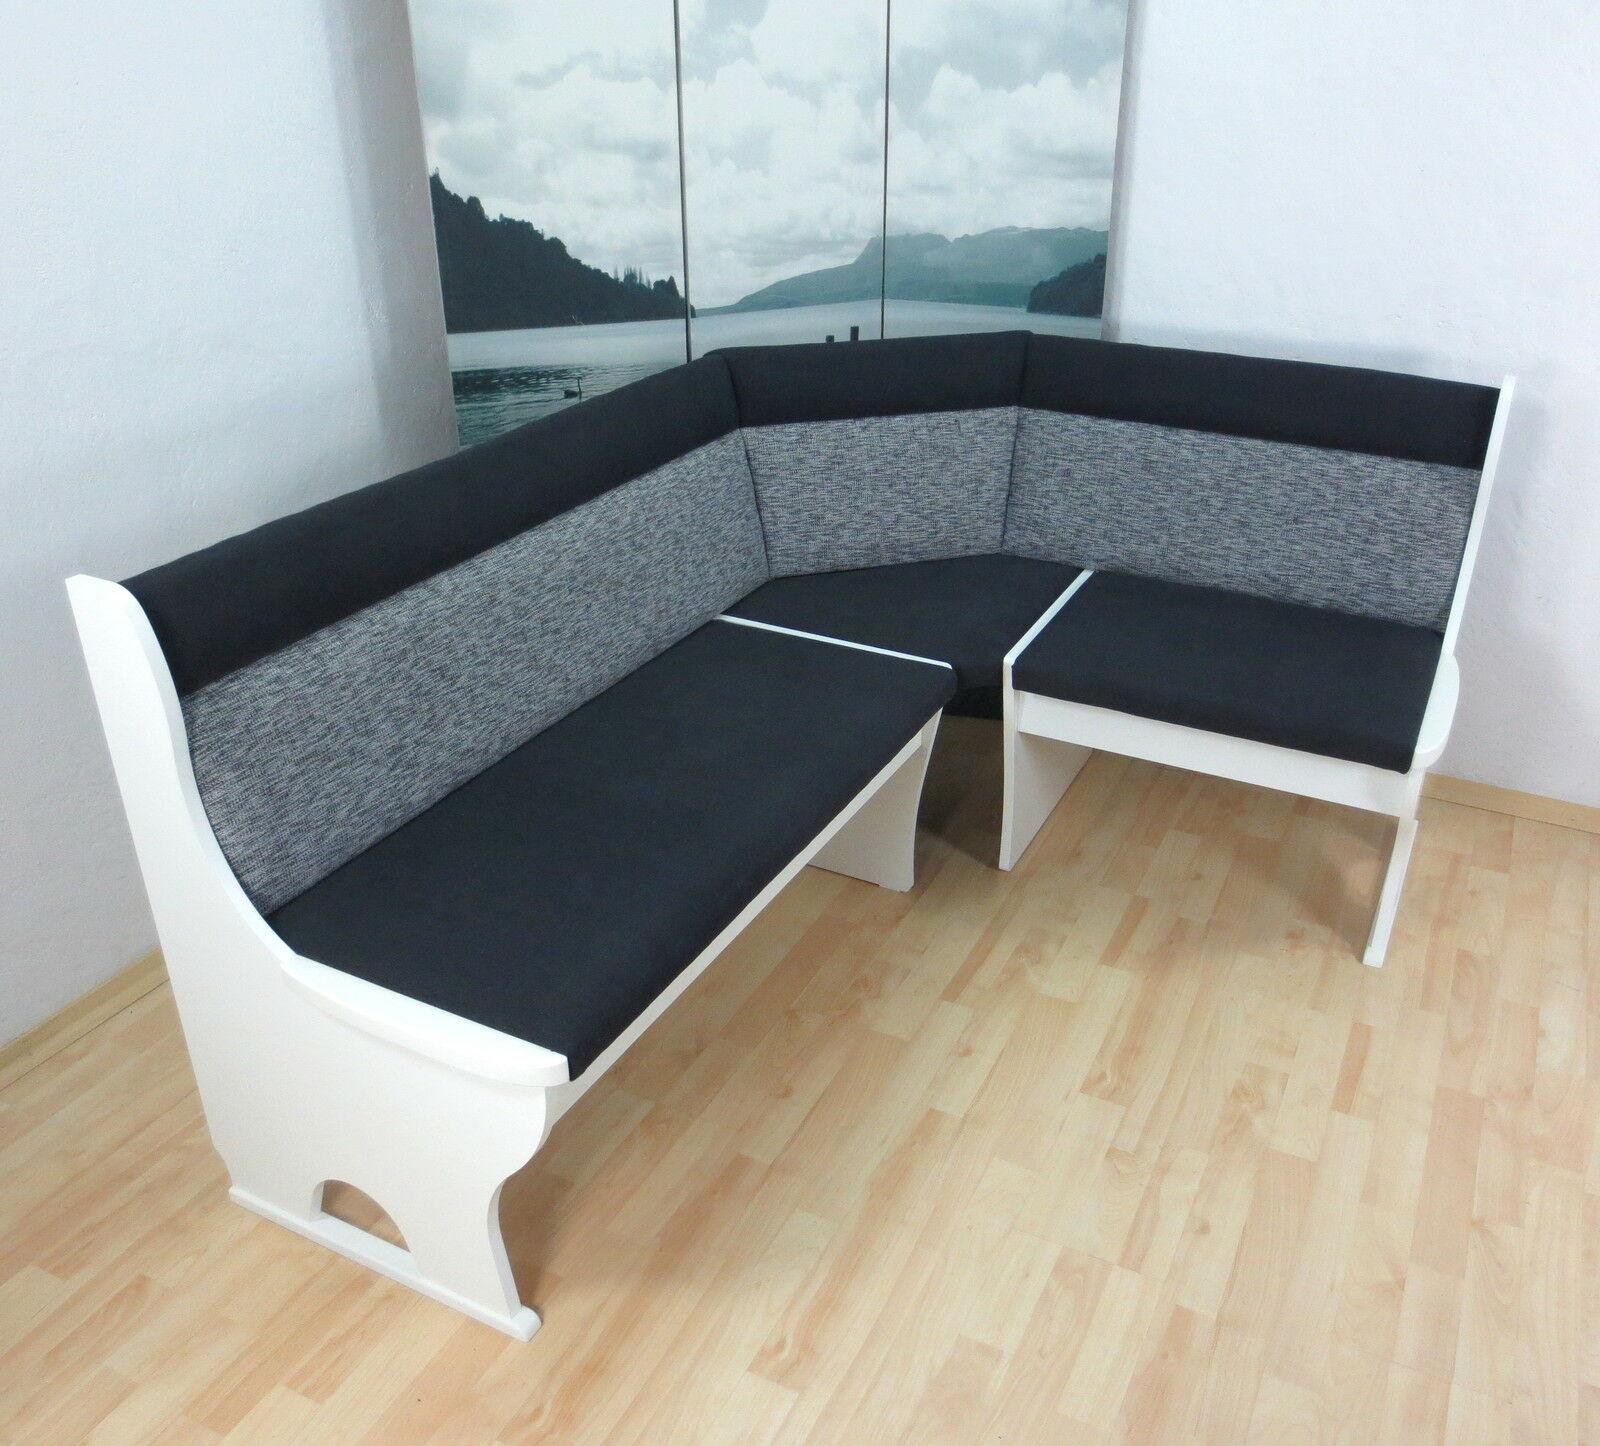 moderne Truheneckbank teilmassiv weiß schwarz grau Sitzecke Küche ...